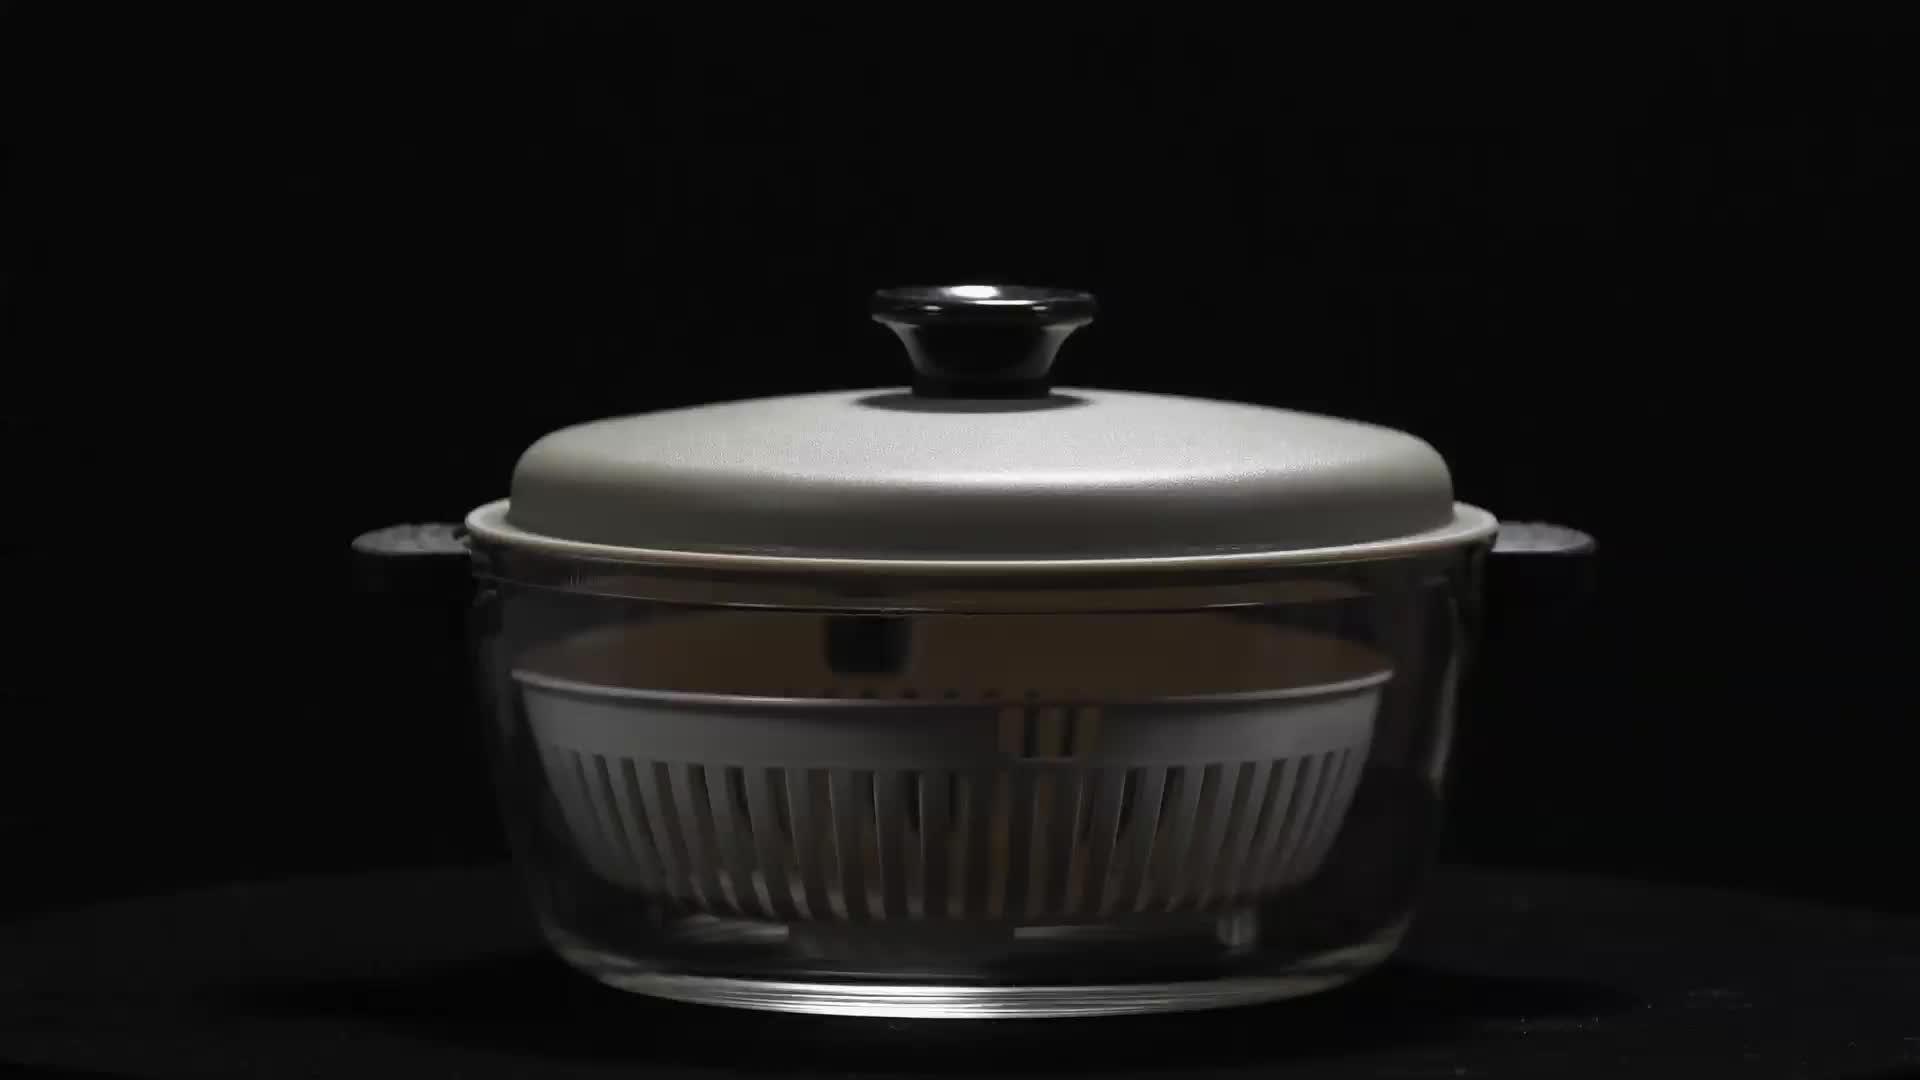 IKOO 유리 전자 레인지 사용 높은 붕규산 유리 스팀 냄비 PP 뚜껑과 기선